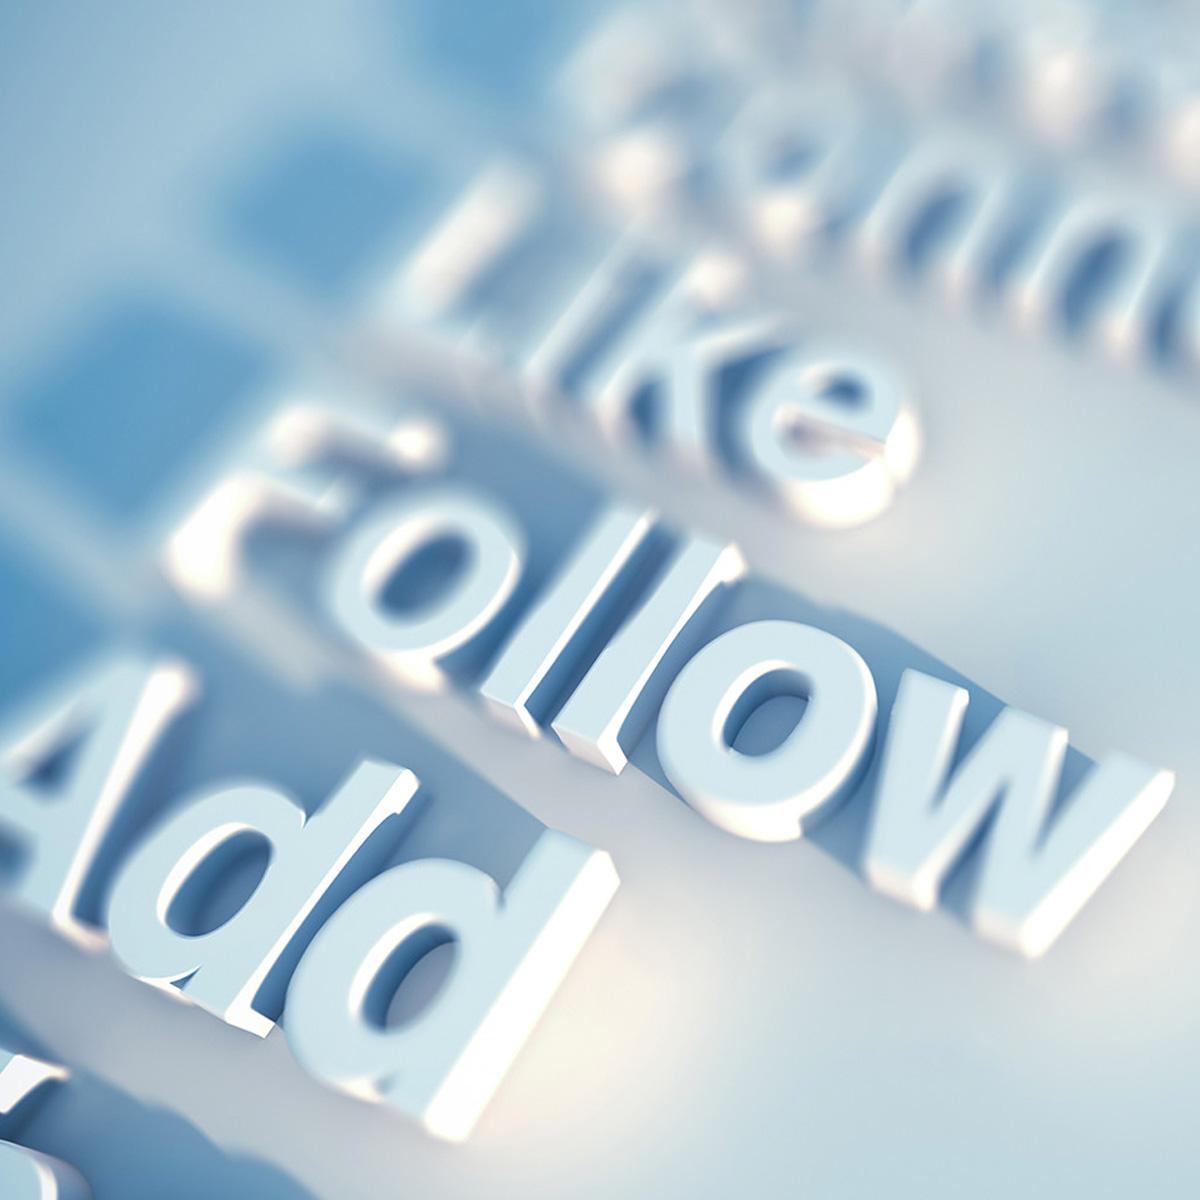 Sosyal Medya Profesyonelleri için 8 Faydalı Uygulama